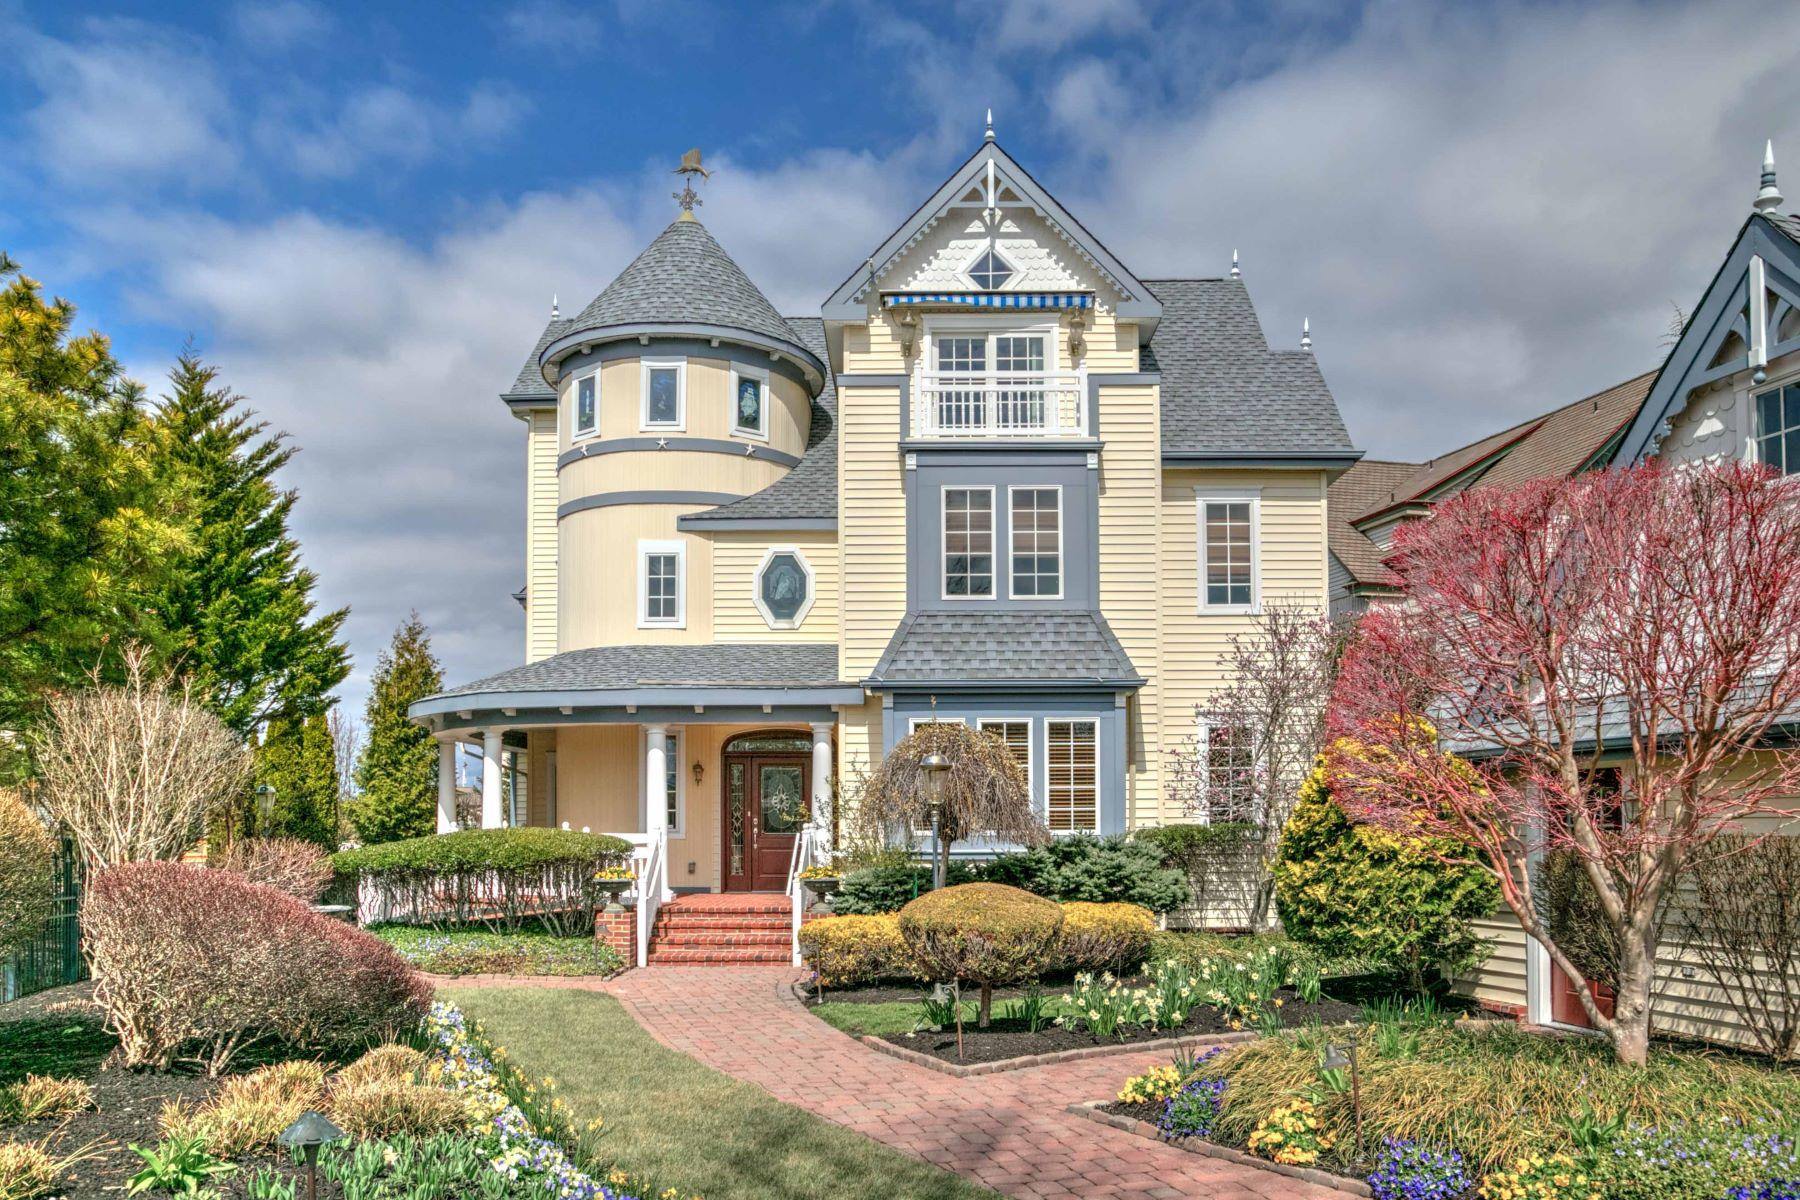 Maison unifamiliale pour l Vente à 21 Harbor Cove Cape May, New Jersey 08204 États-Unis